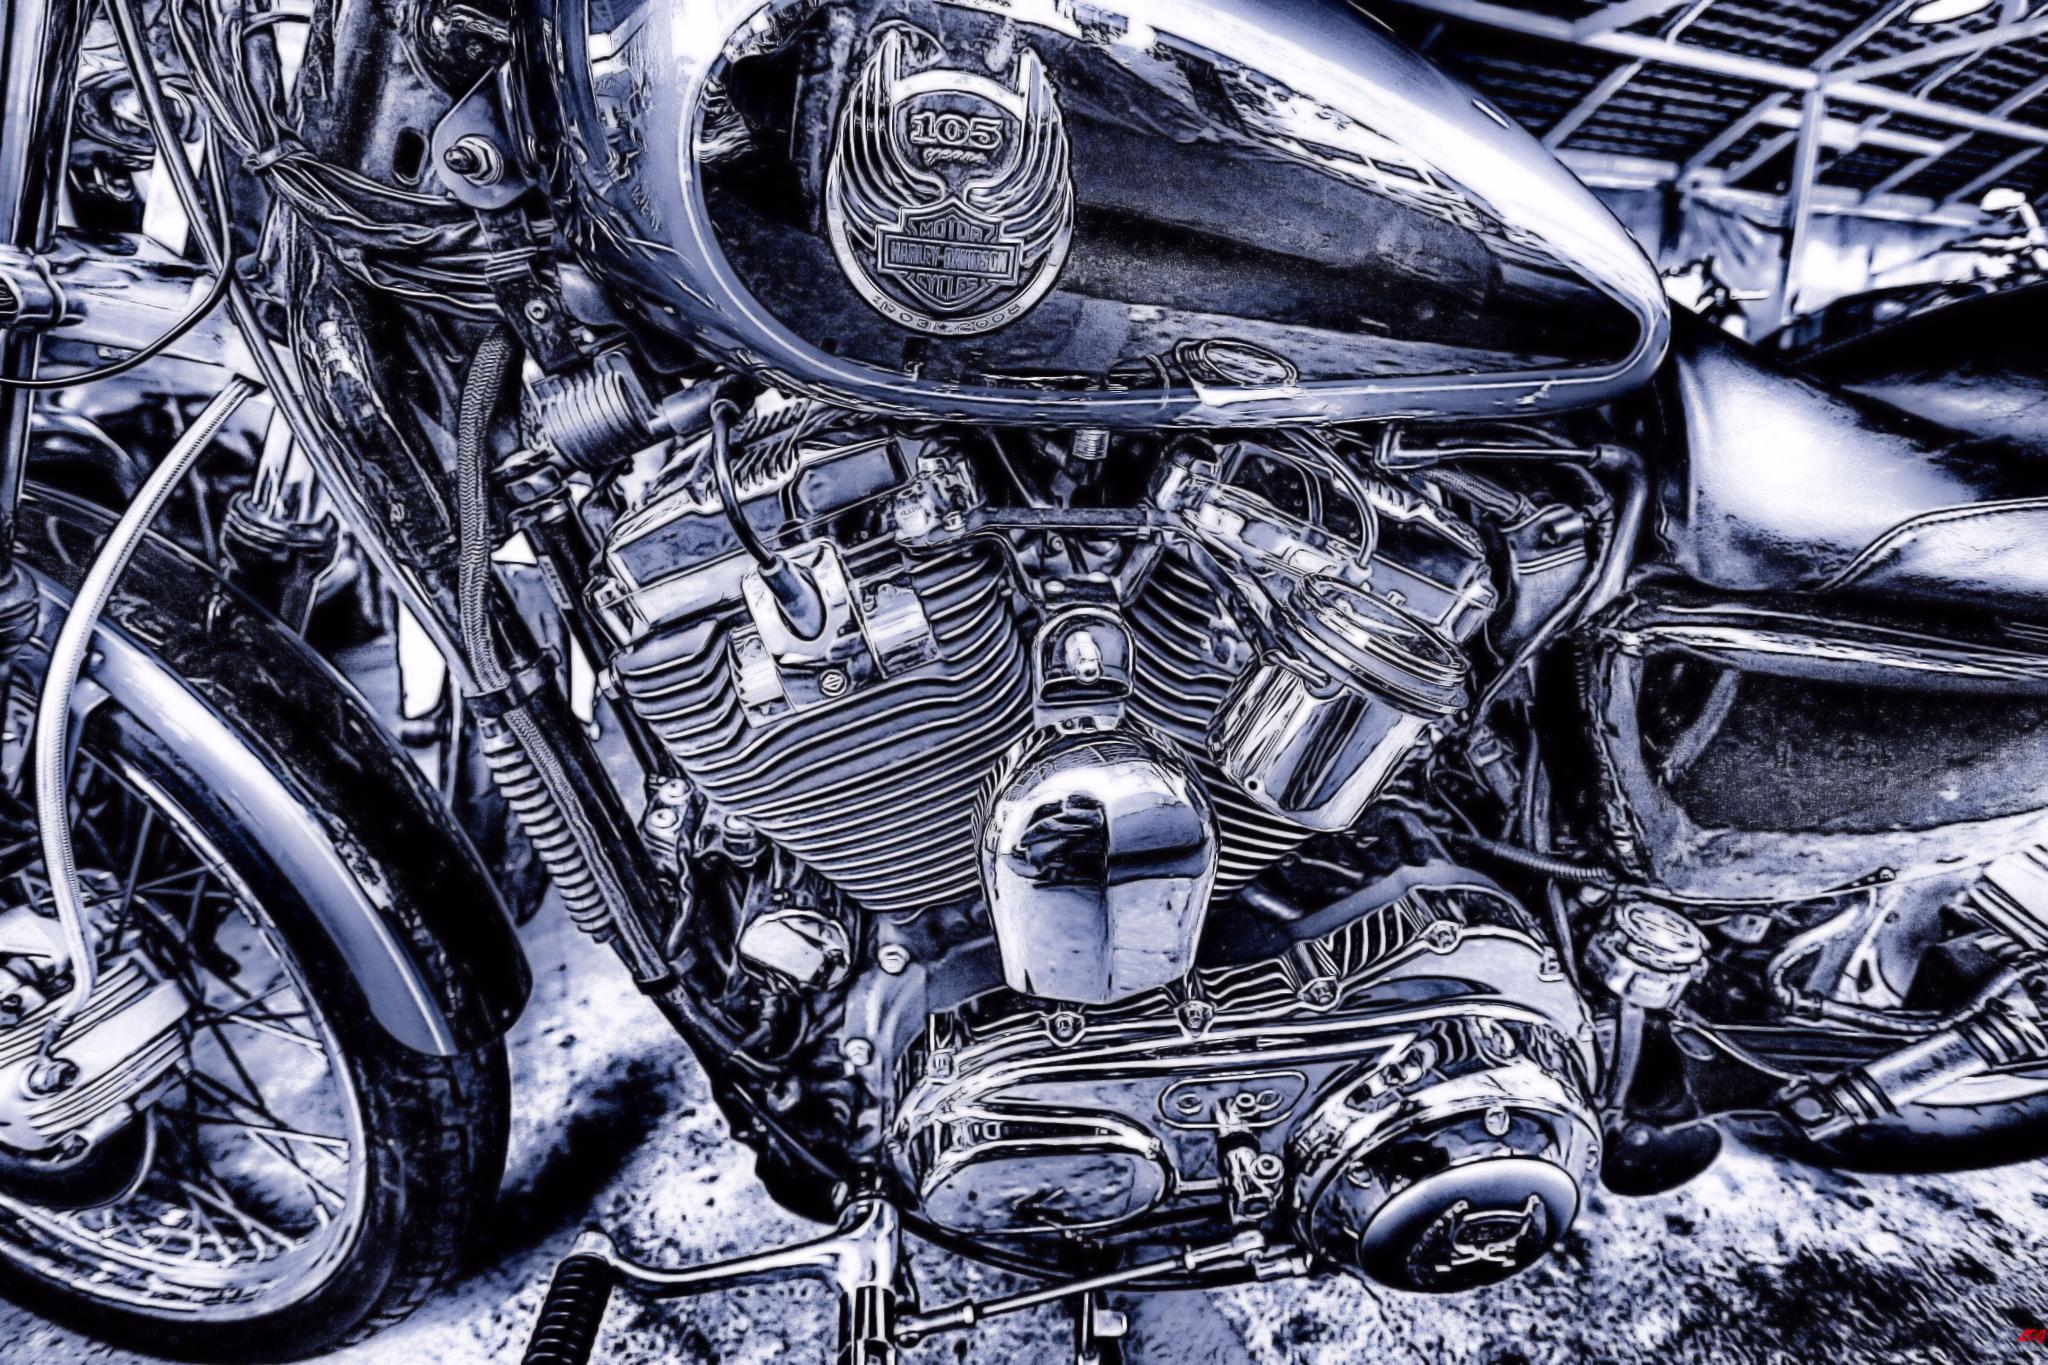 My old Harley  by Lloyd de Gruchy